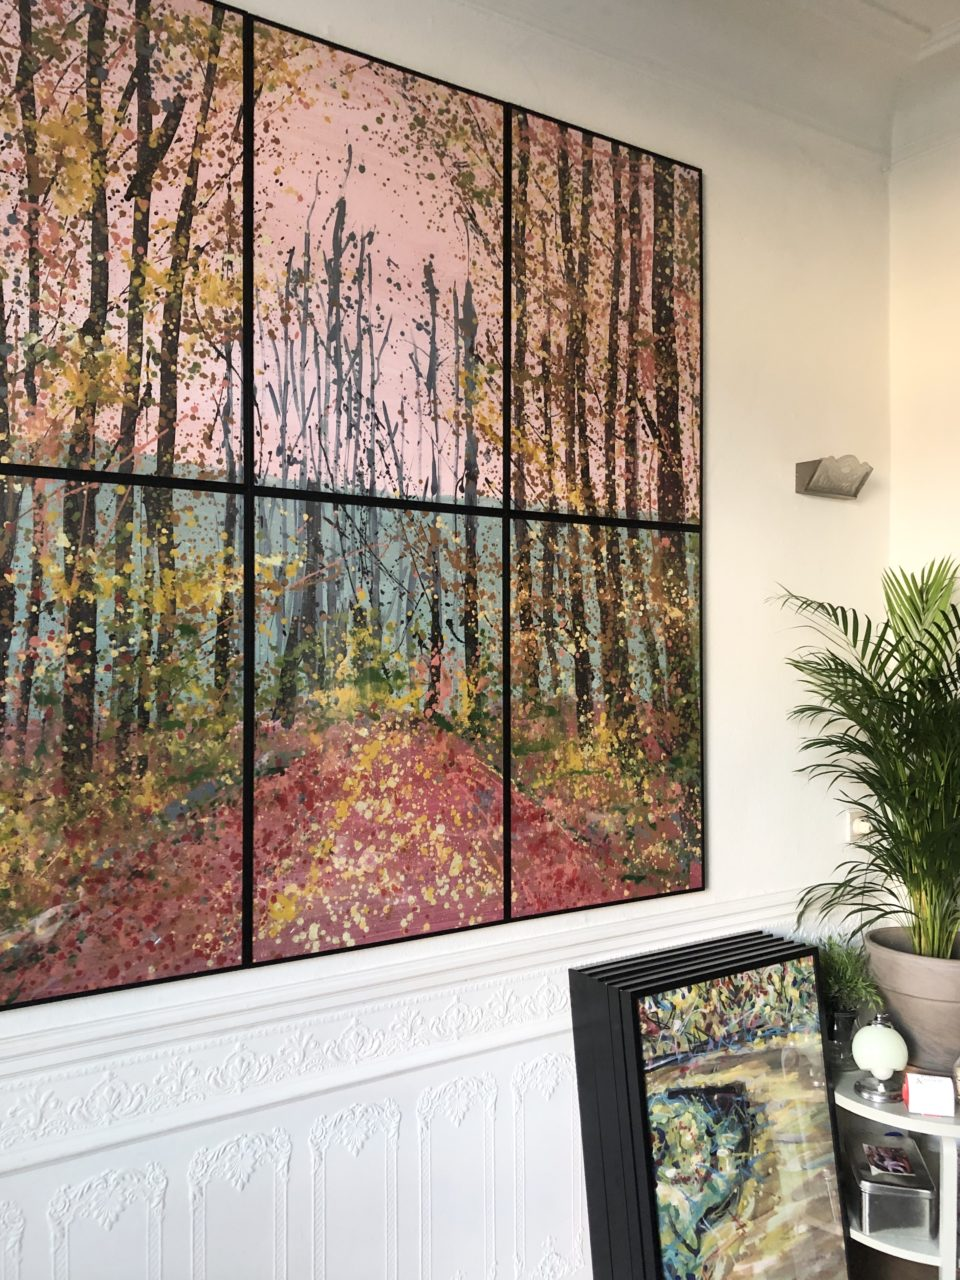 Automne rose / 6, final, 180 cm x 180 cm, techniques mixtes